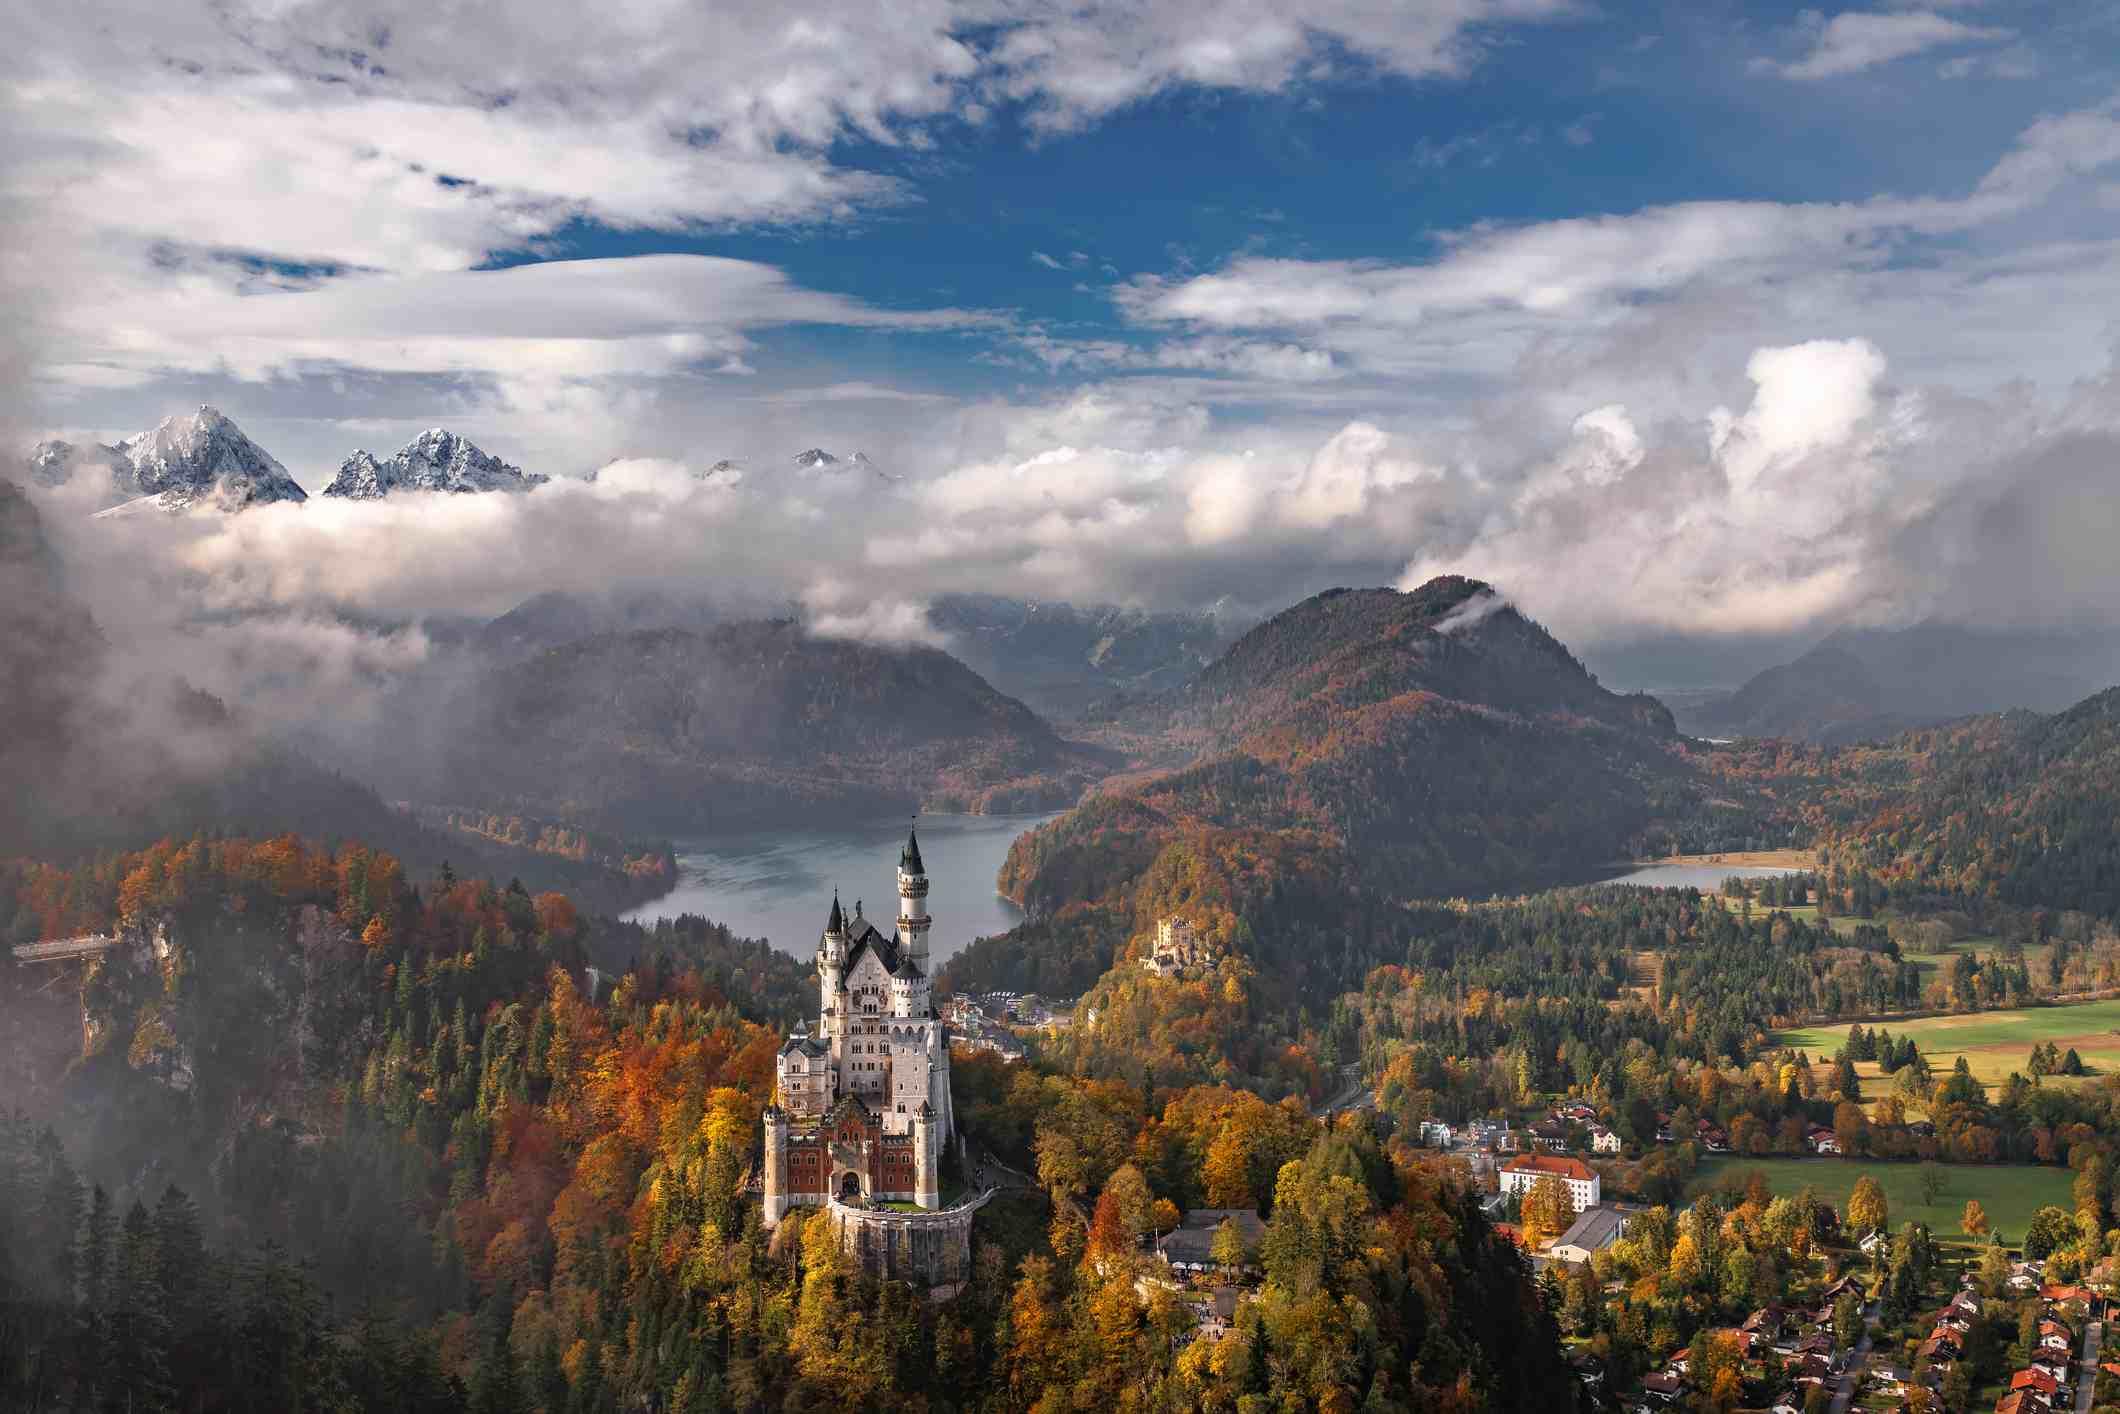 Neuschwanstein castle from the air